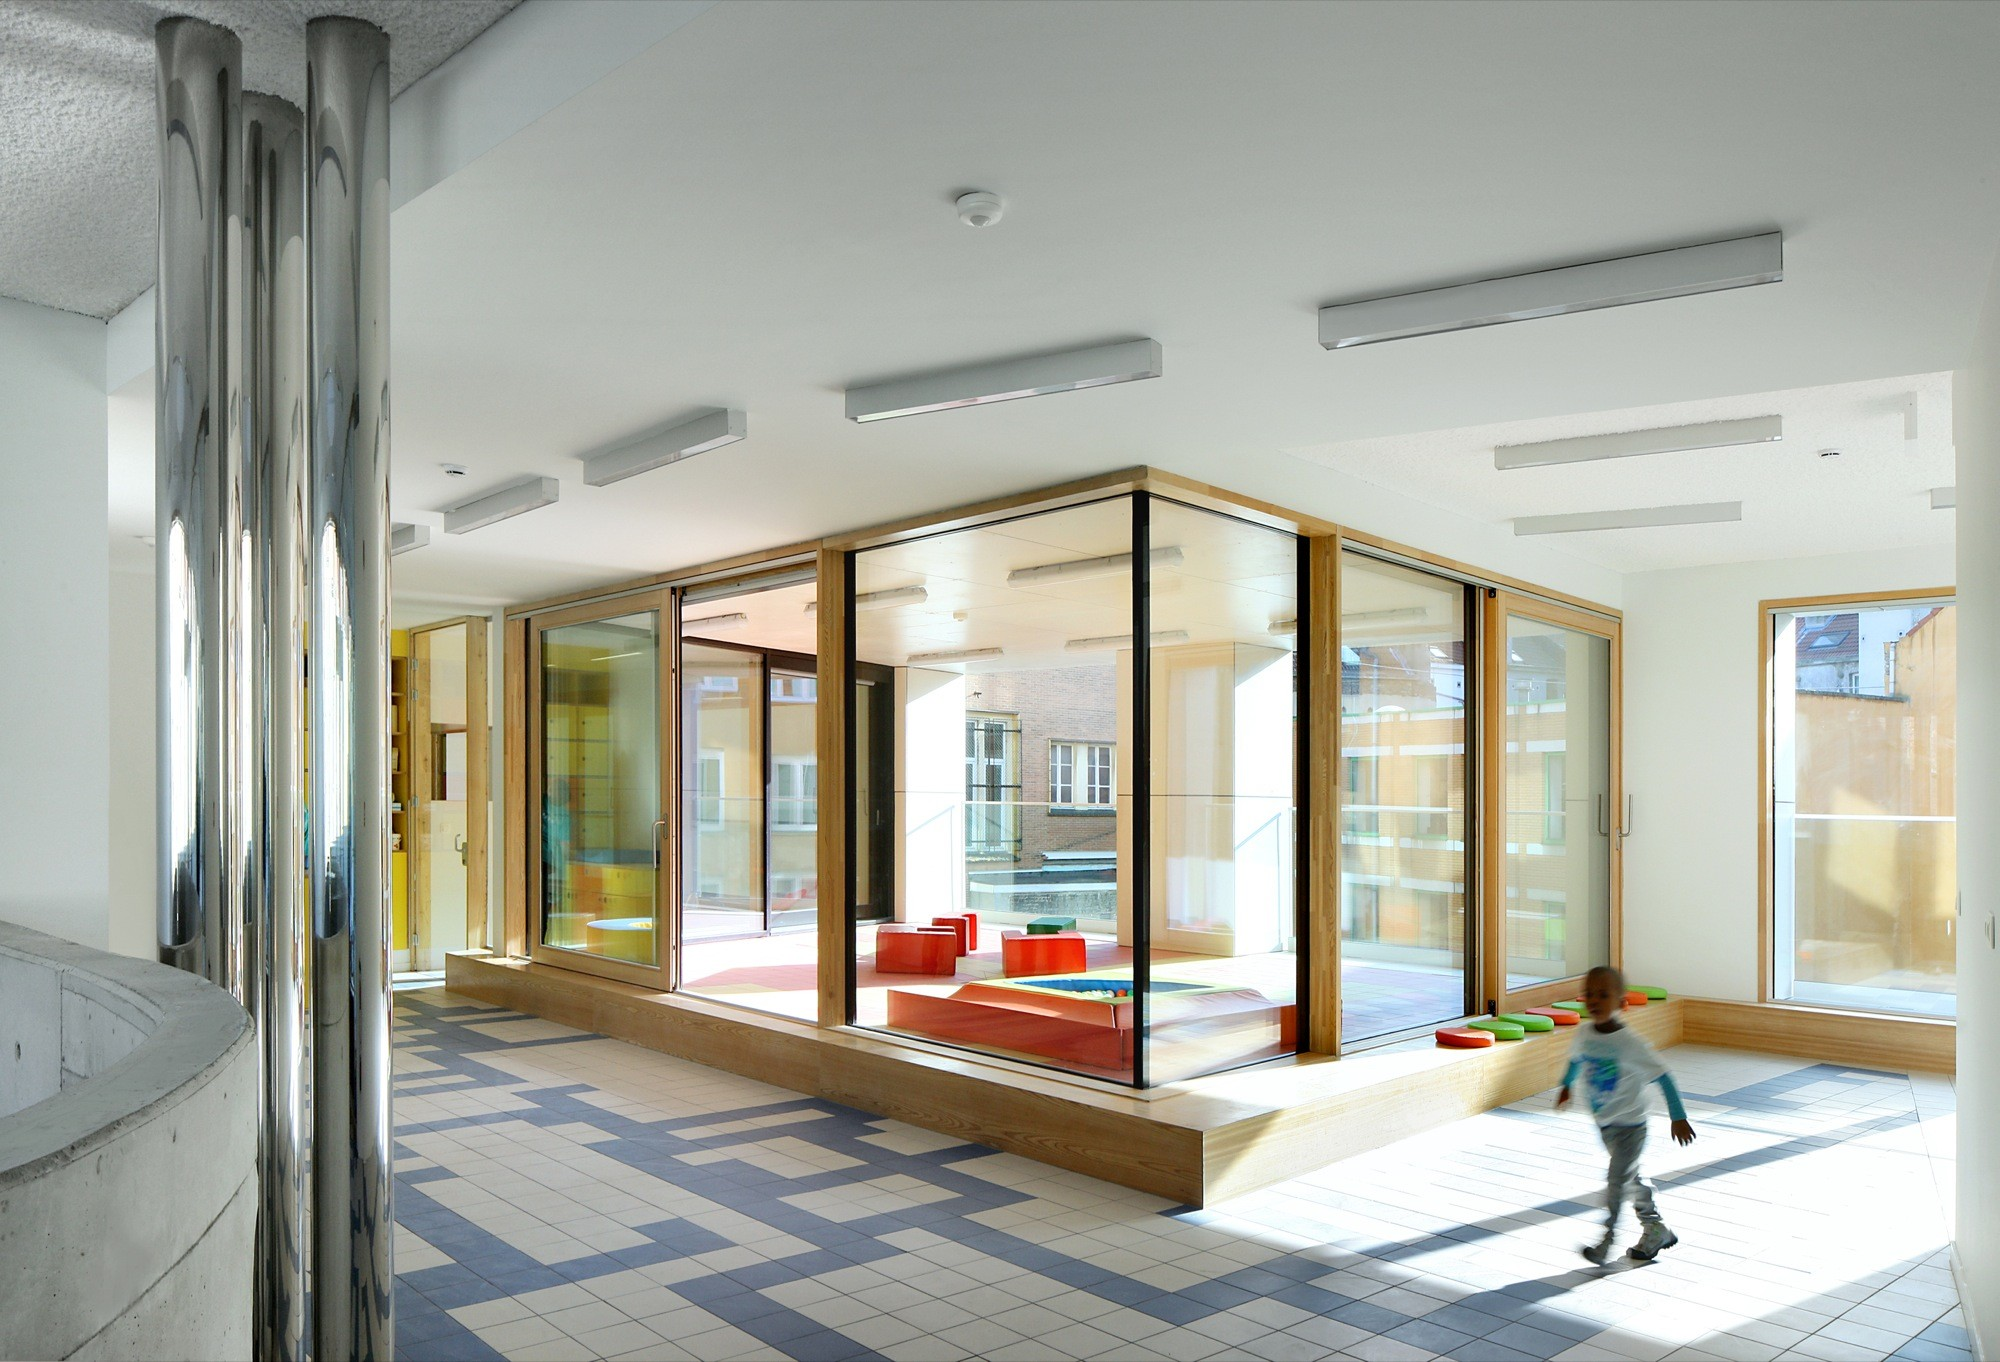 Child Day Care Centre Burobill ZAmpone architectuur